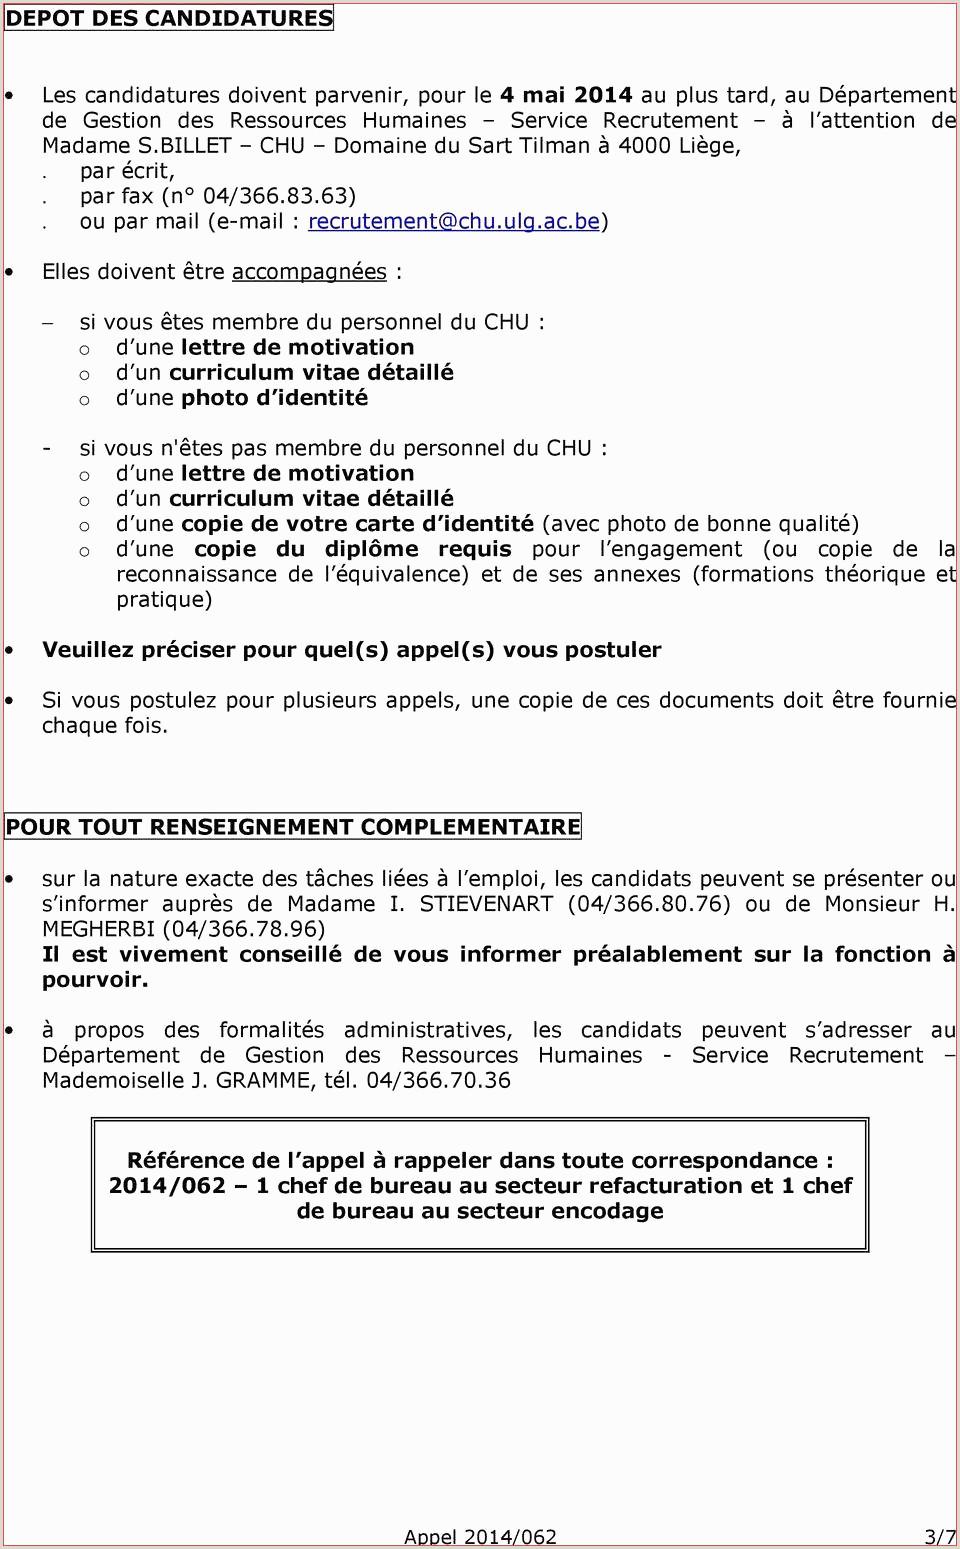 Exemple De Cv Debutant Pdf Lettre Motivation Agent Immobilier Cv Agent Immobilier Pdf